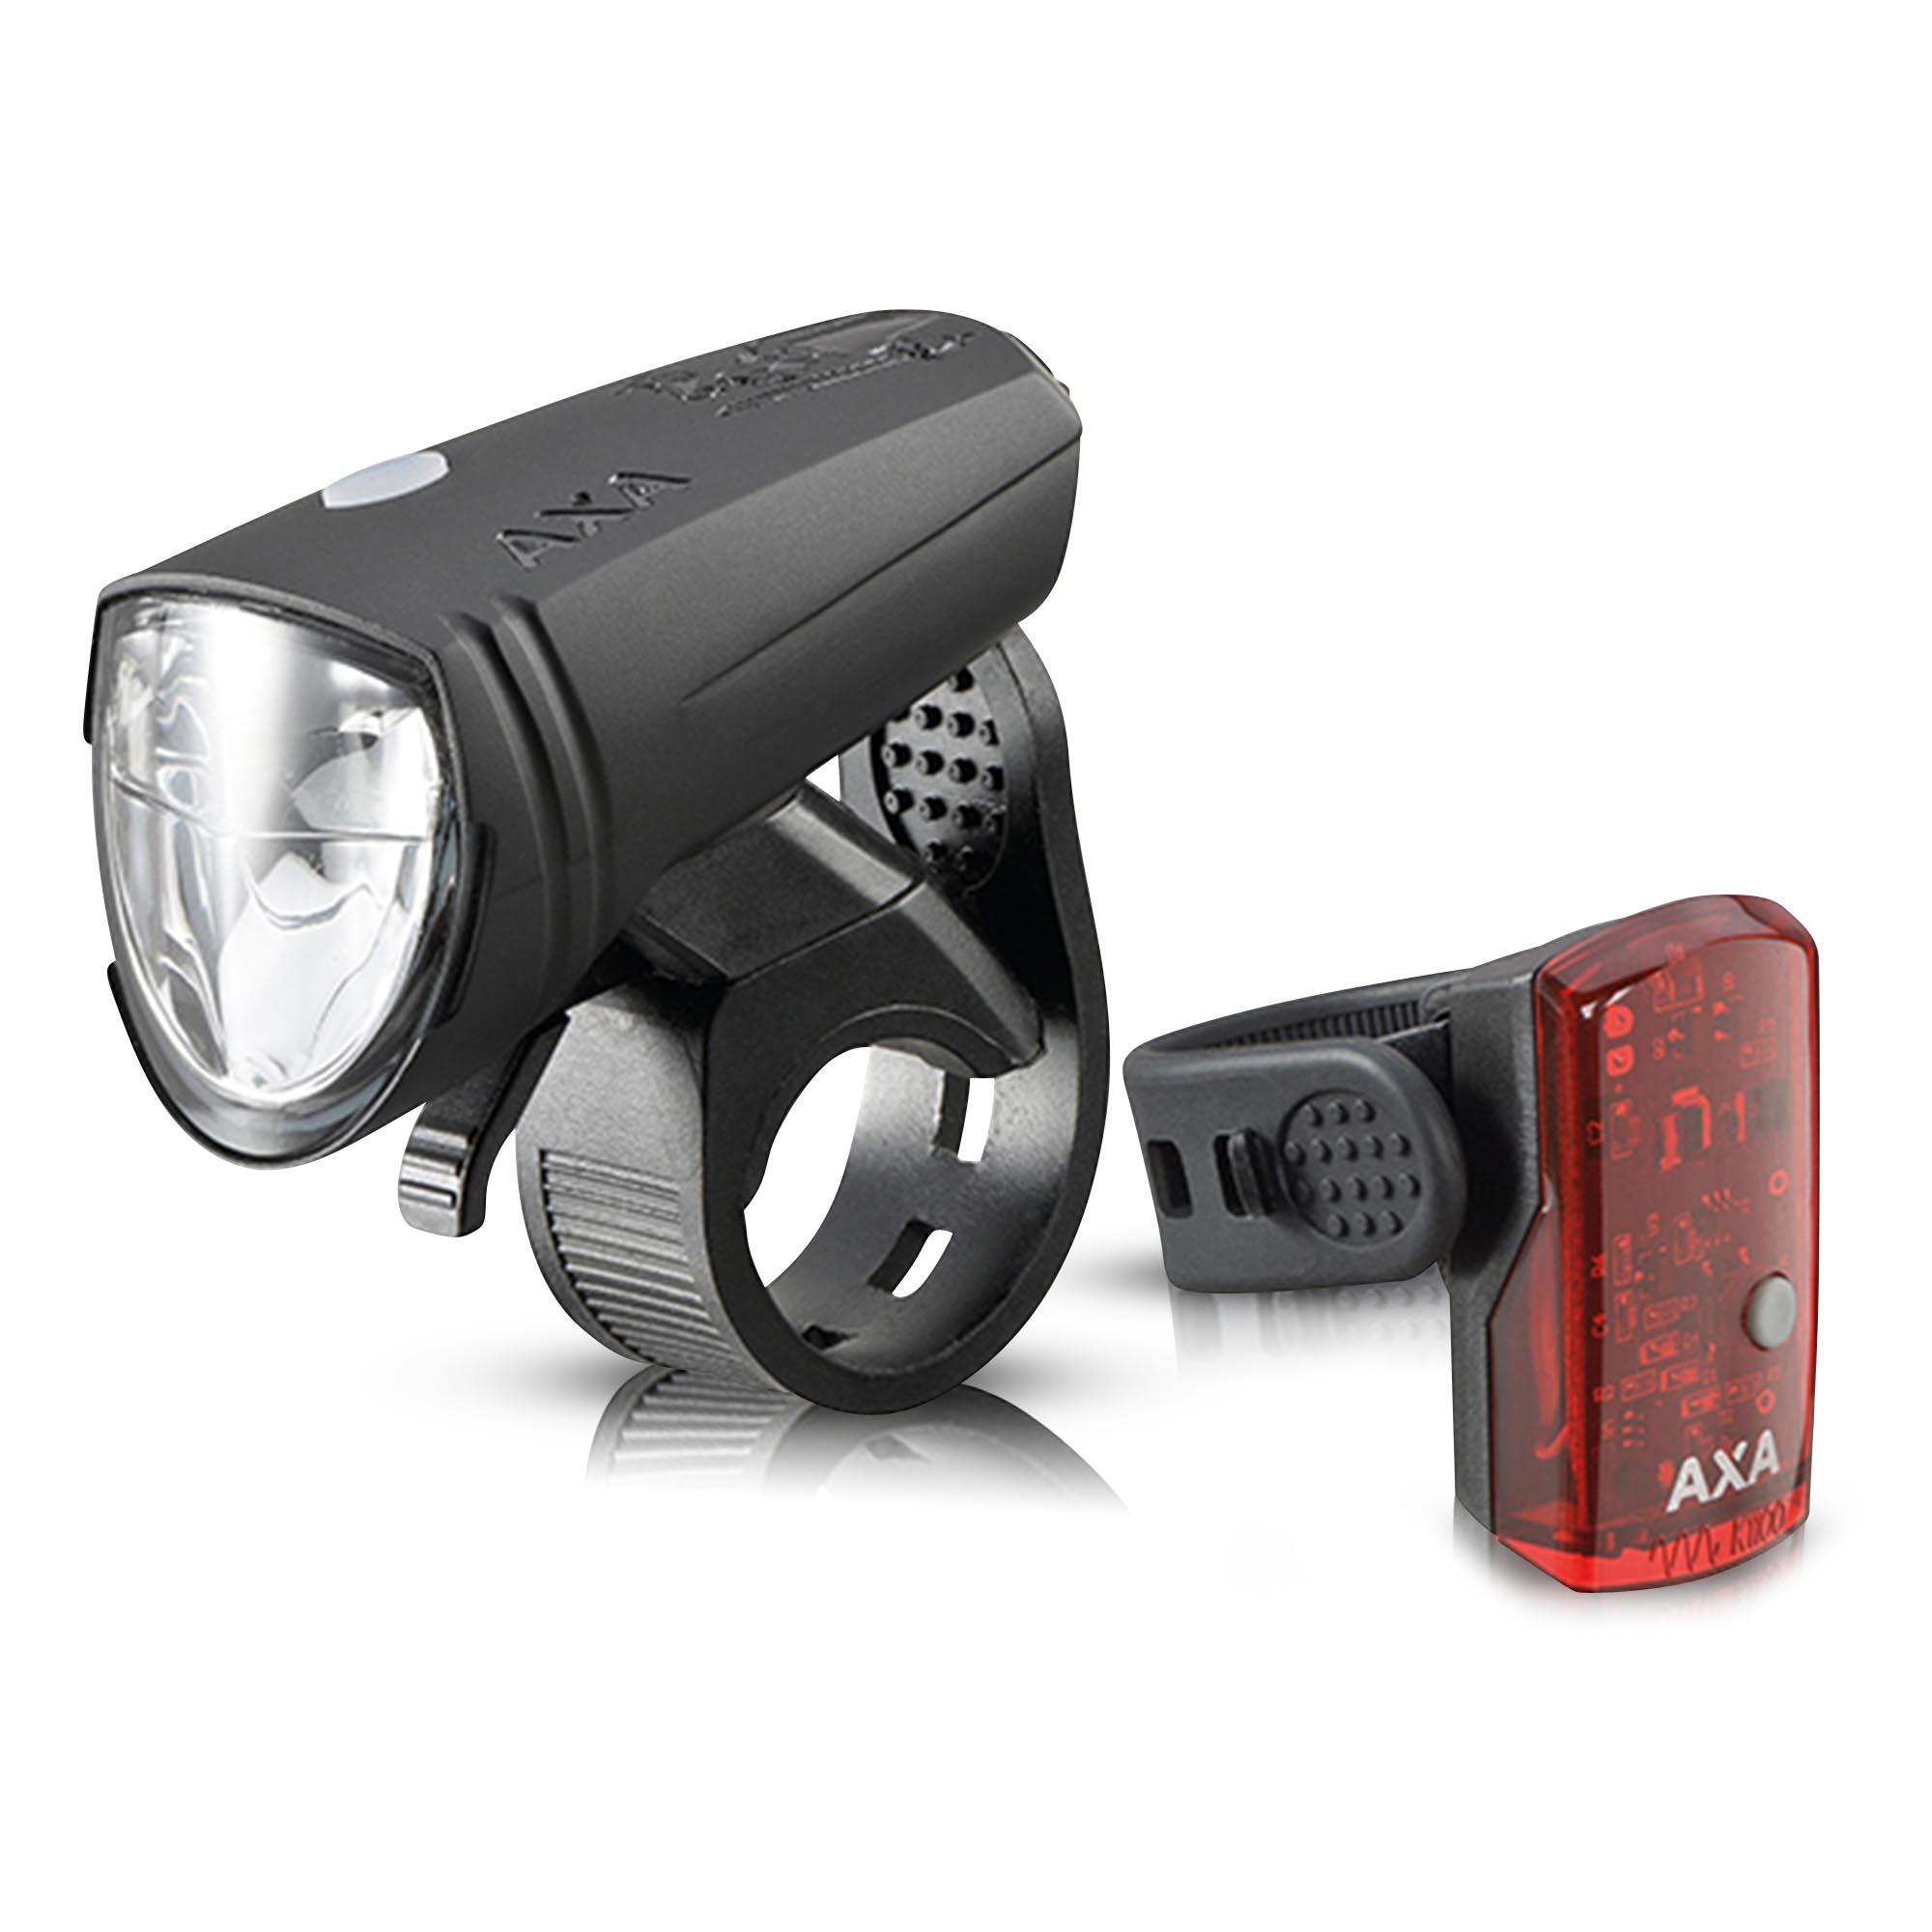 Axa Stenman Deutschland GmbH AXA Greenline 15 LED-Fahrrad-Lichtset